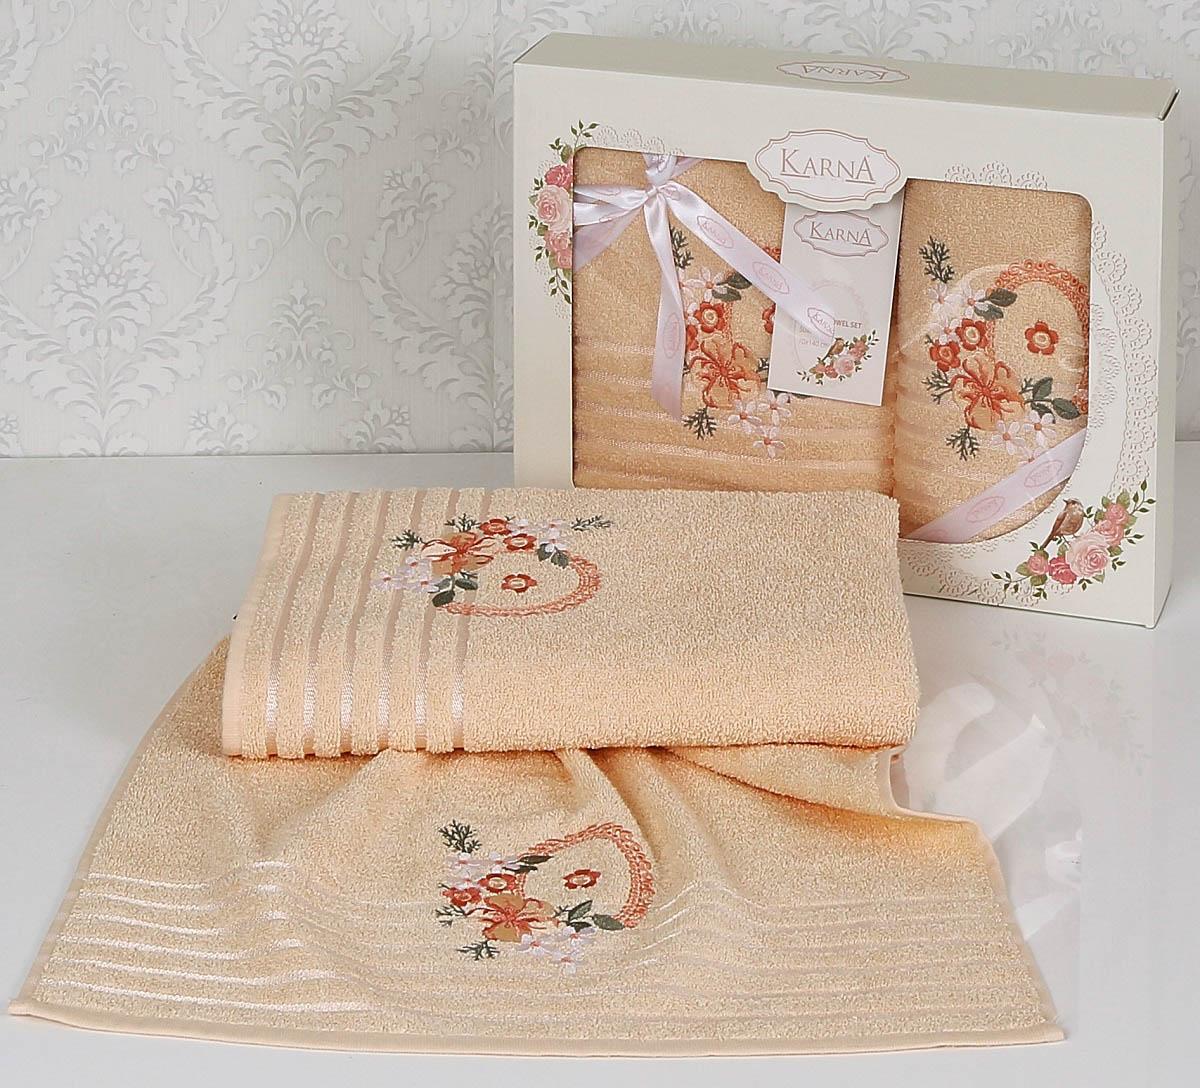 Купить Полотенца Karna, Полотенце Camile Цвет: Абрикосовый (Набор), Турция, Персиковый, Махра